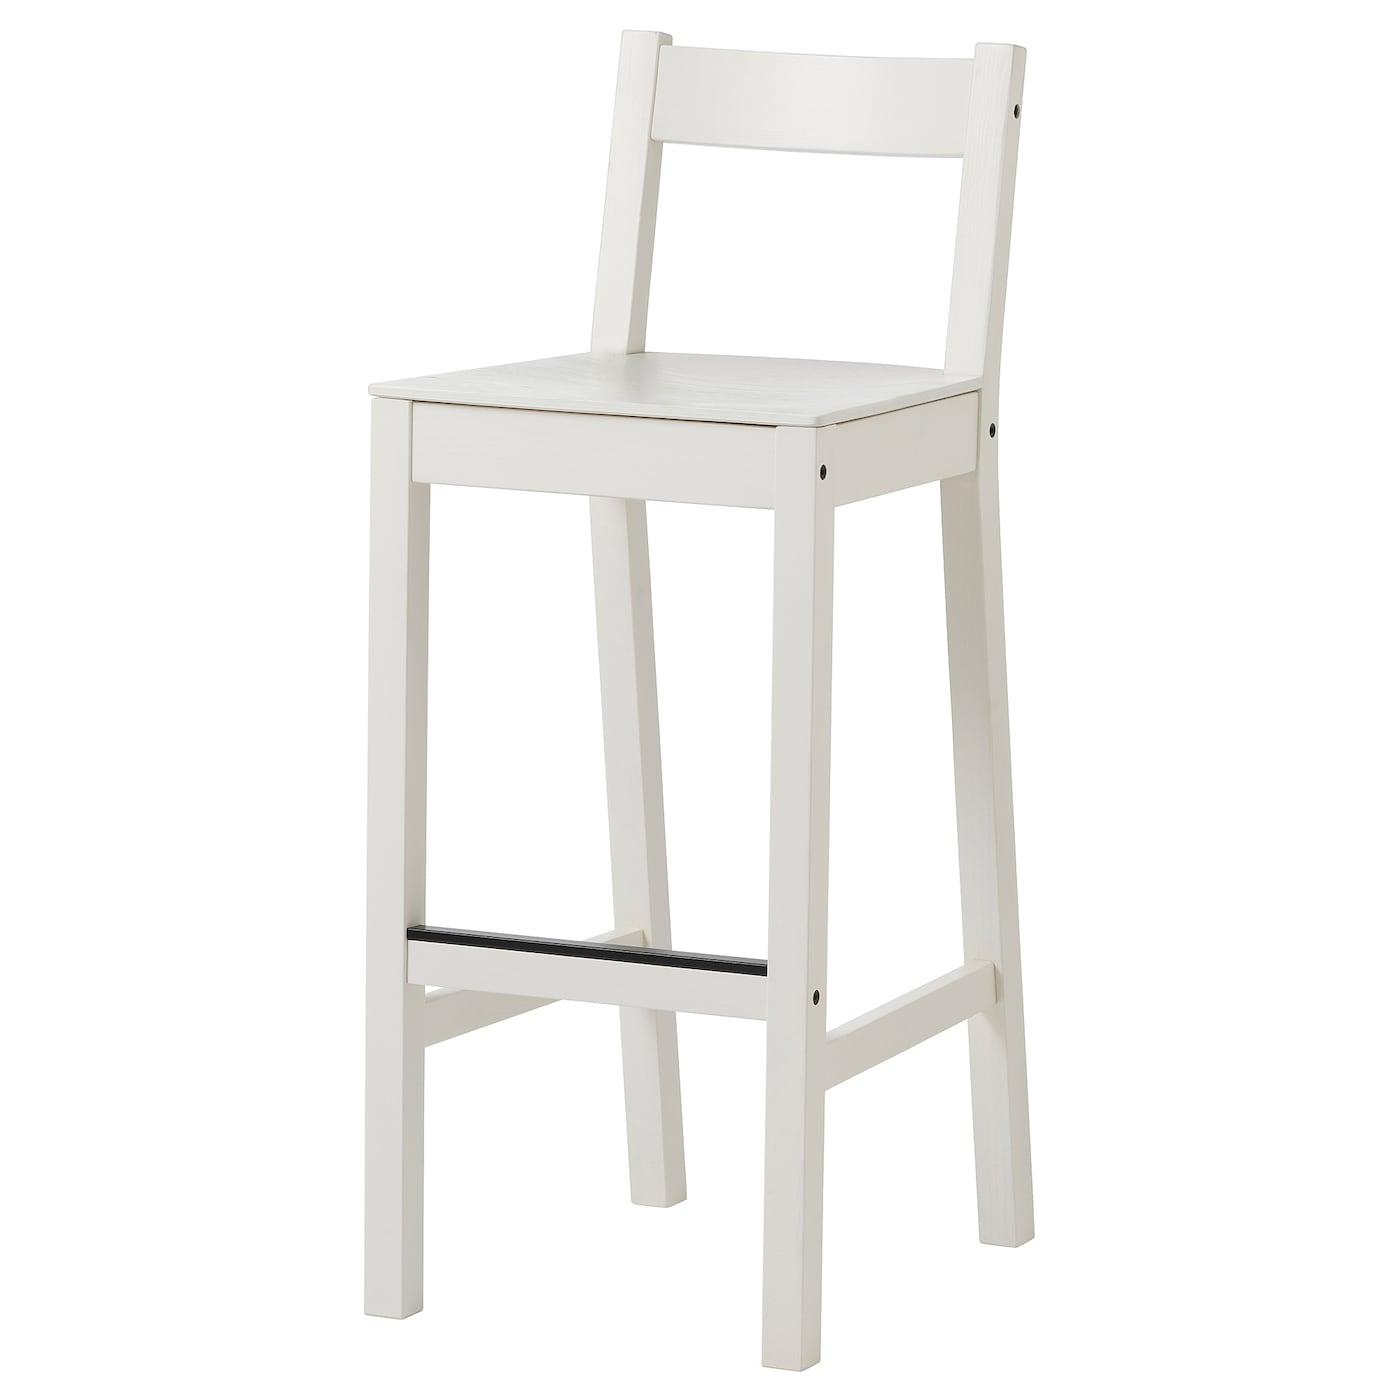 NORDVIKEN Bar stool with backrest   white 9 9/9